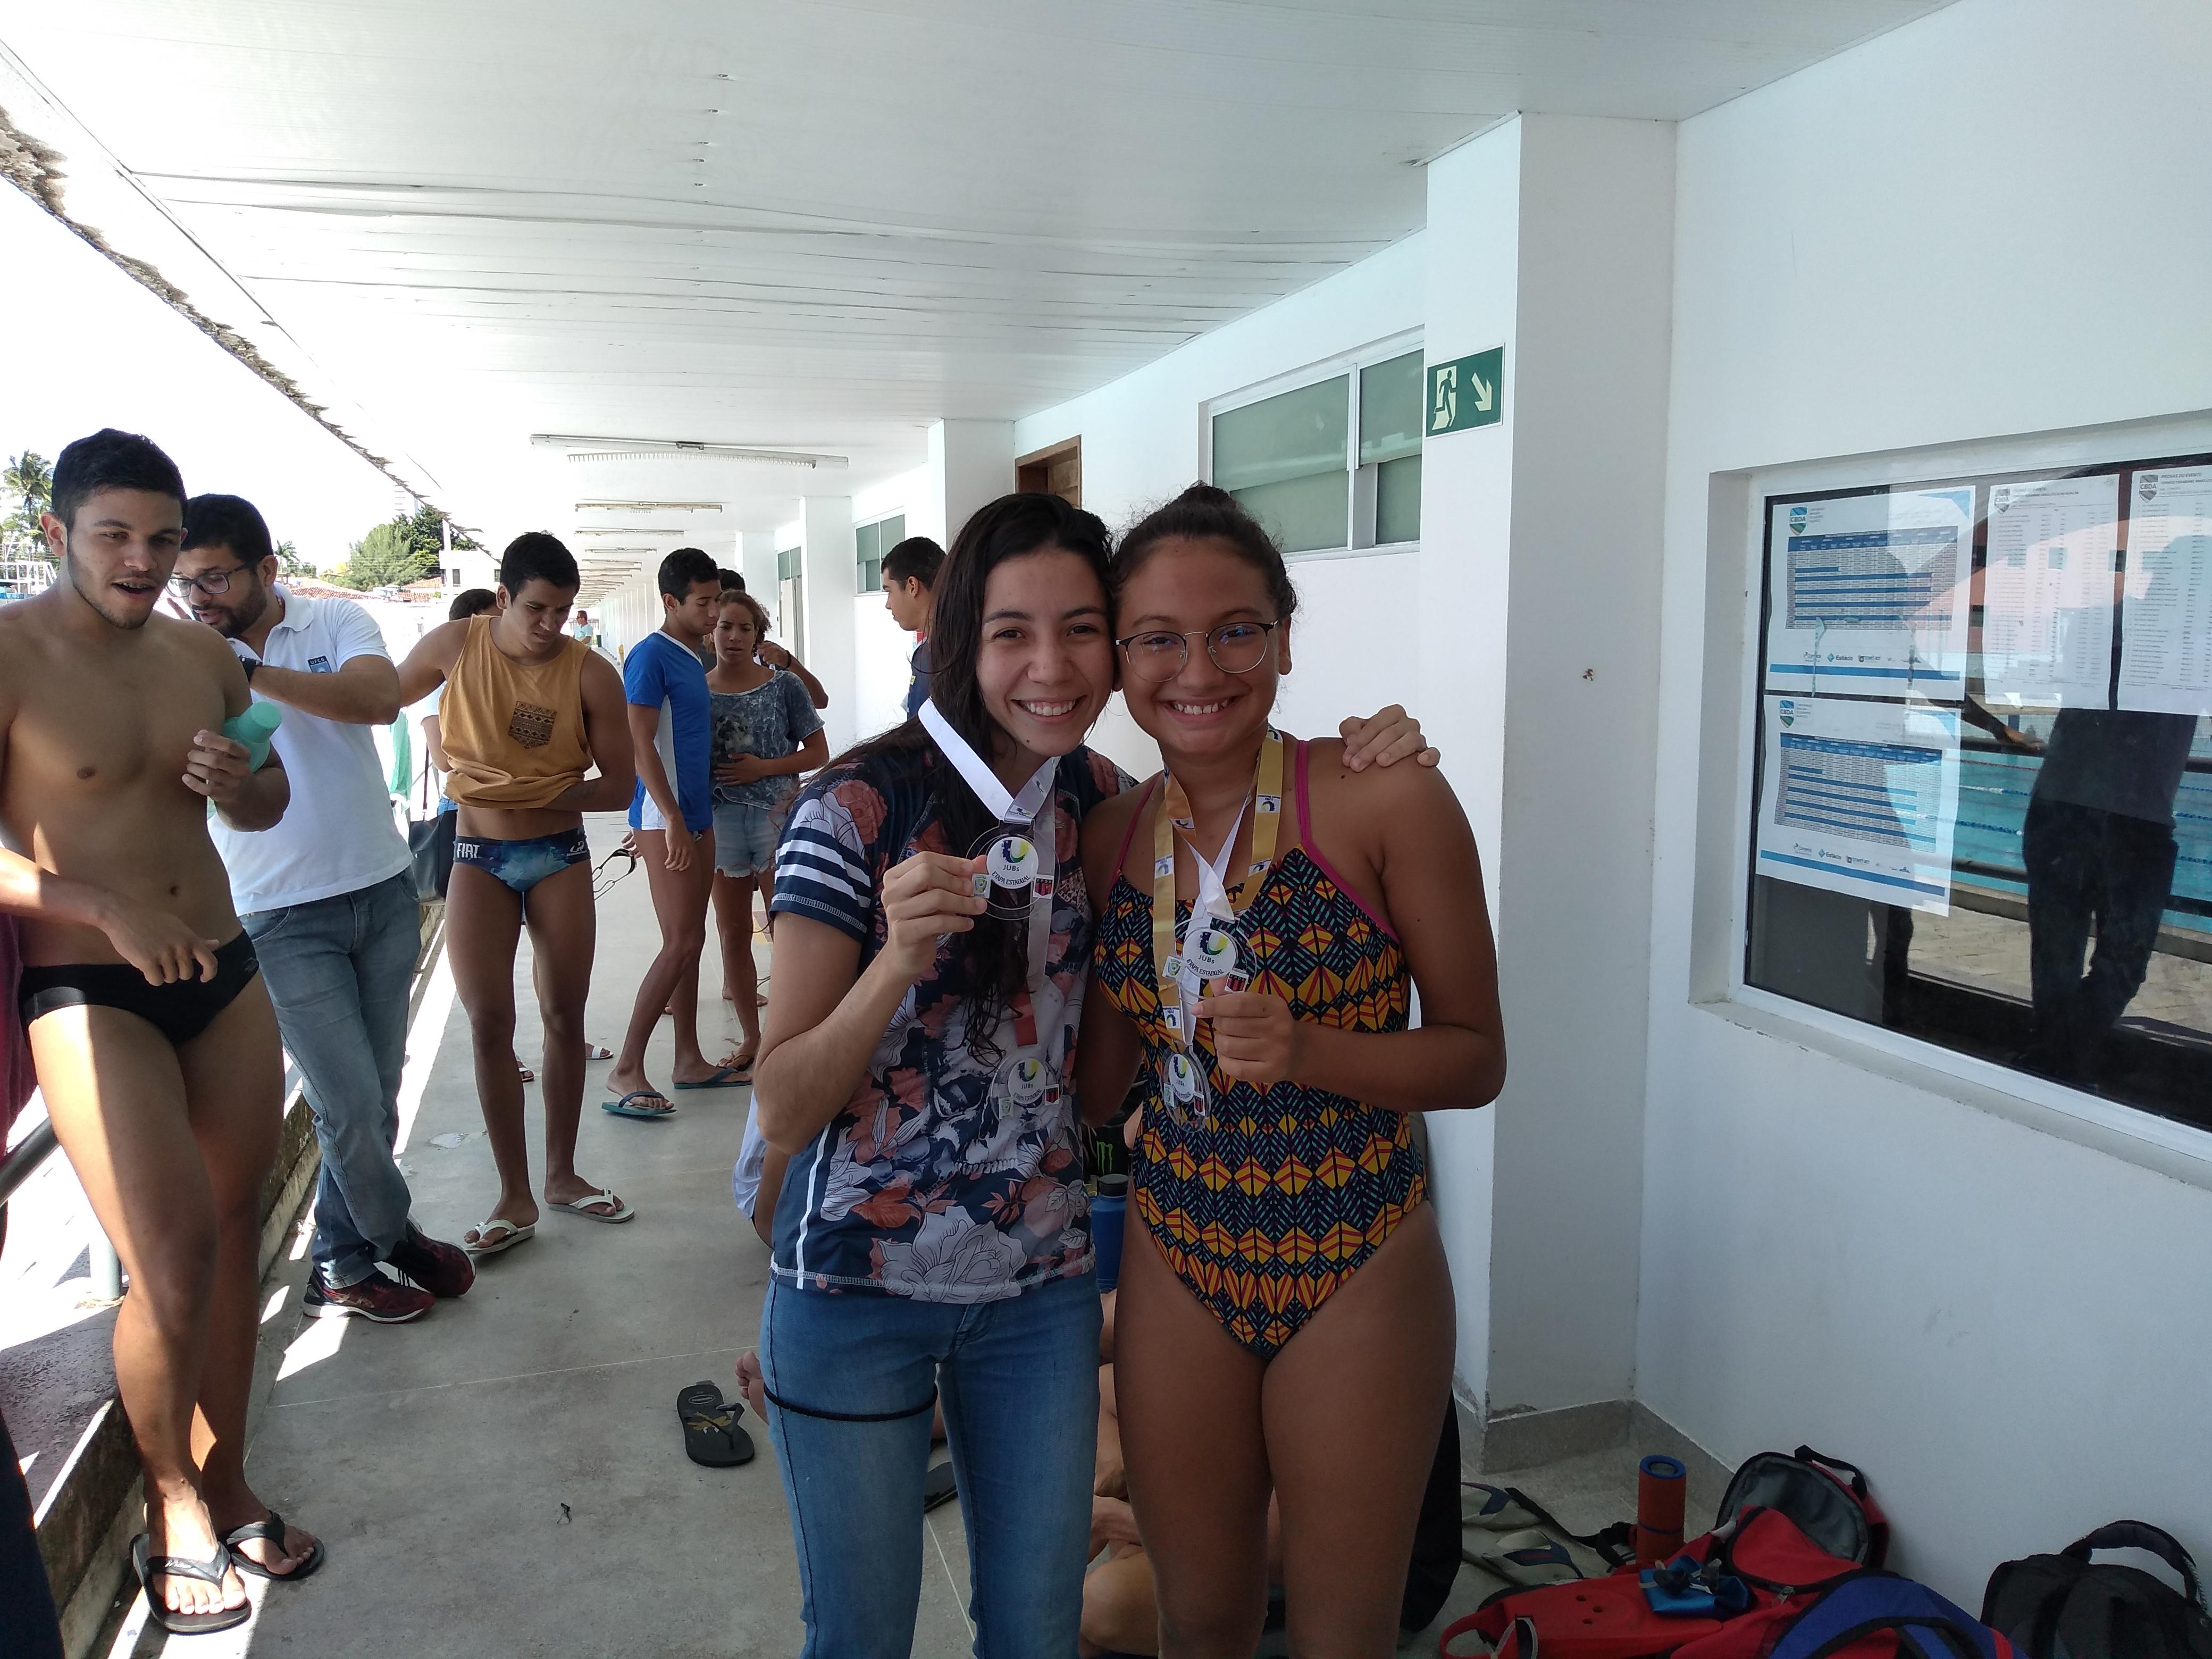 A atleta recordista de medalhas da competição no naipe feminino (4 medalhas de ouro), Raquel Helene Ramos de Melo (à direita) dividindo a conquista com sua colega de equipe Letícia Pimentel Travassos (medalha de prata) na prova dos 100 m livre.